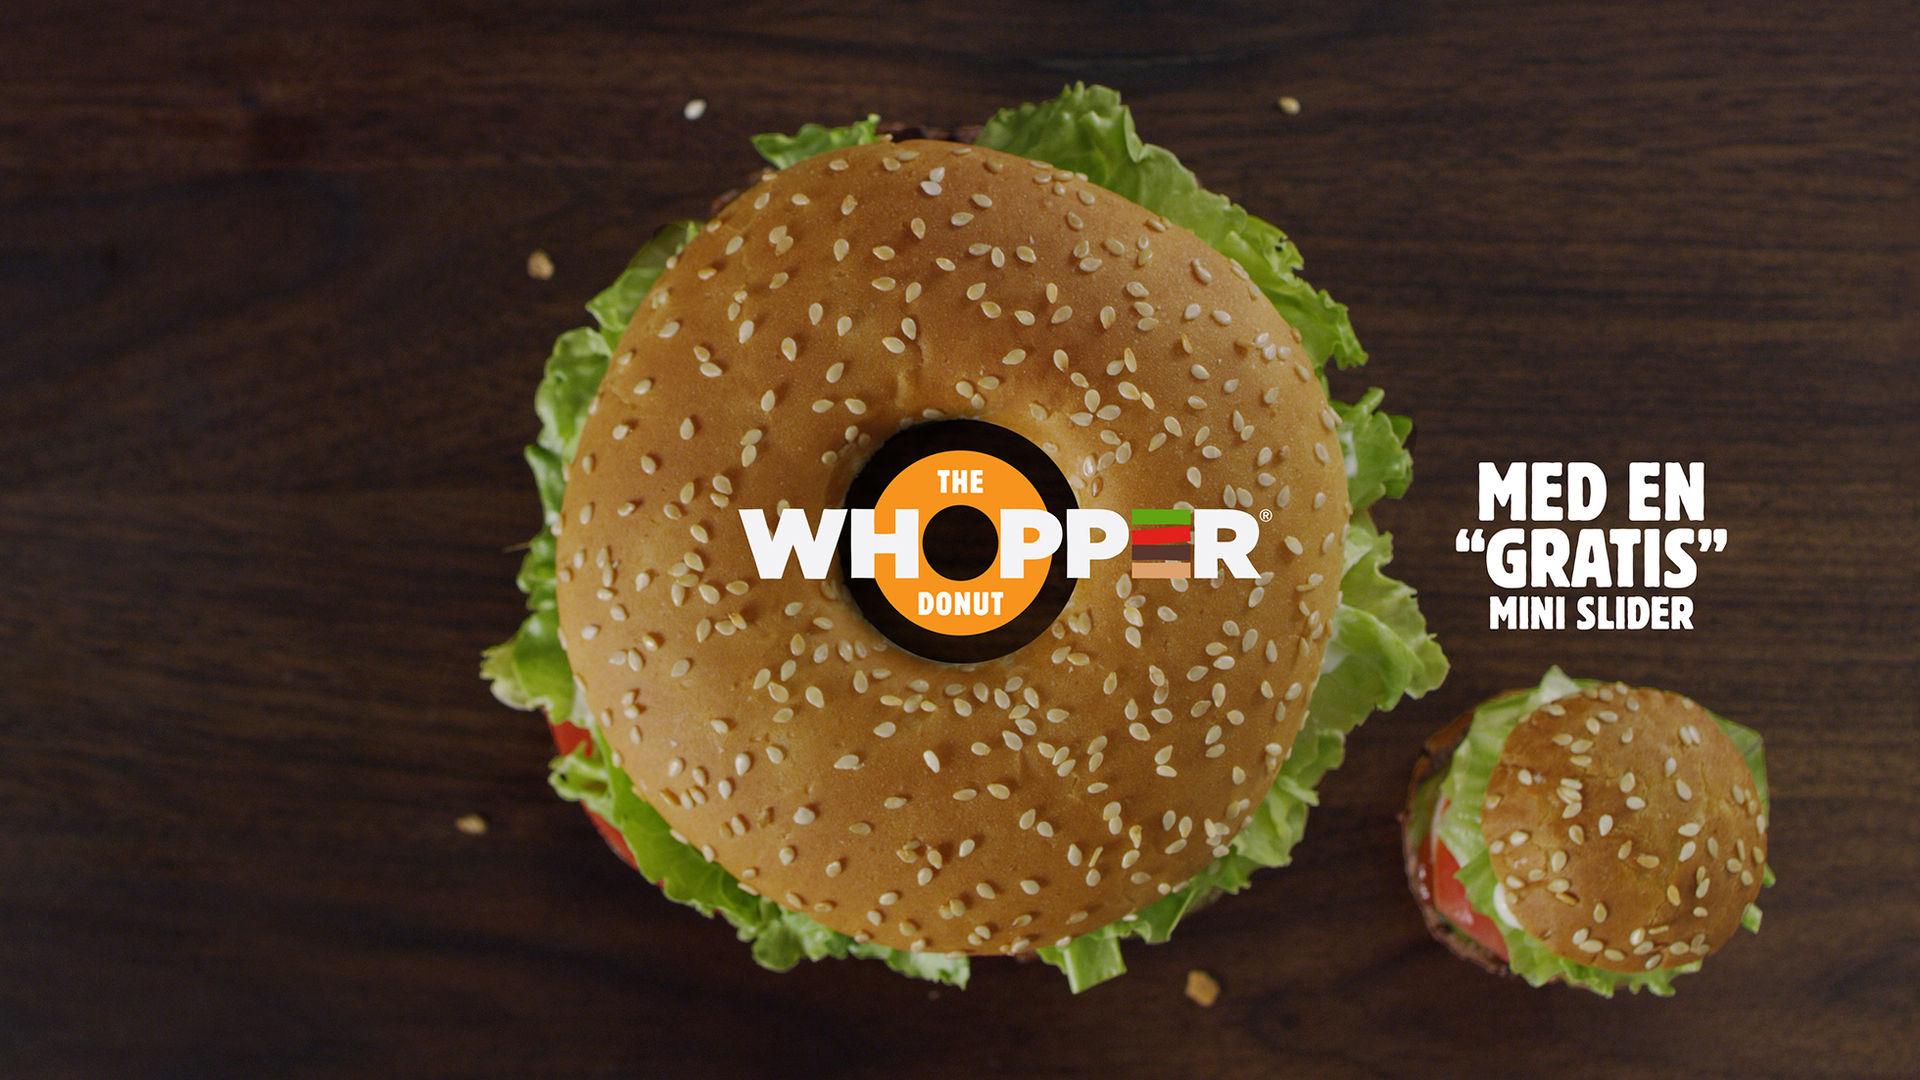 Burger King gör donut av Whopper